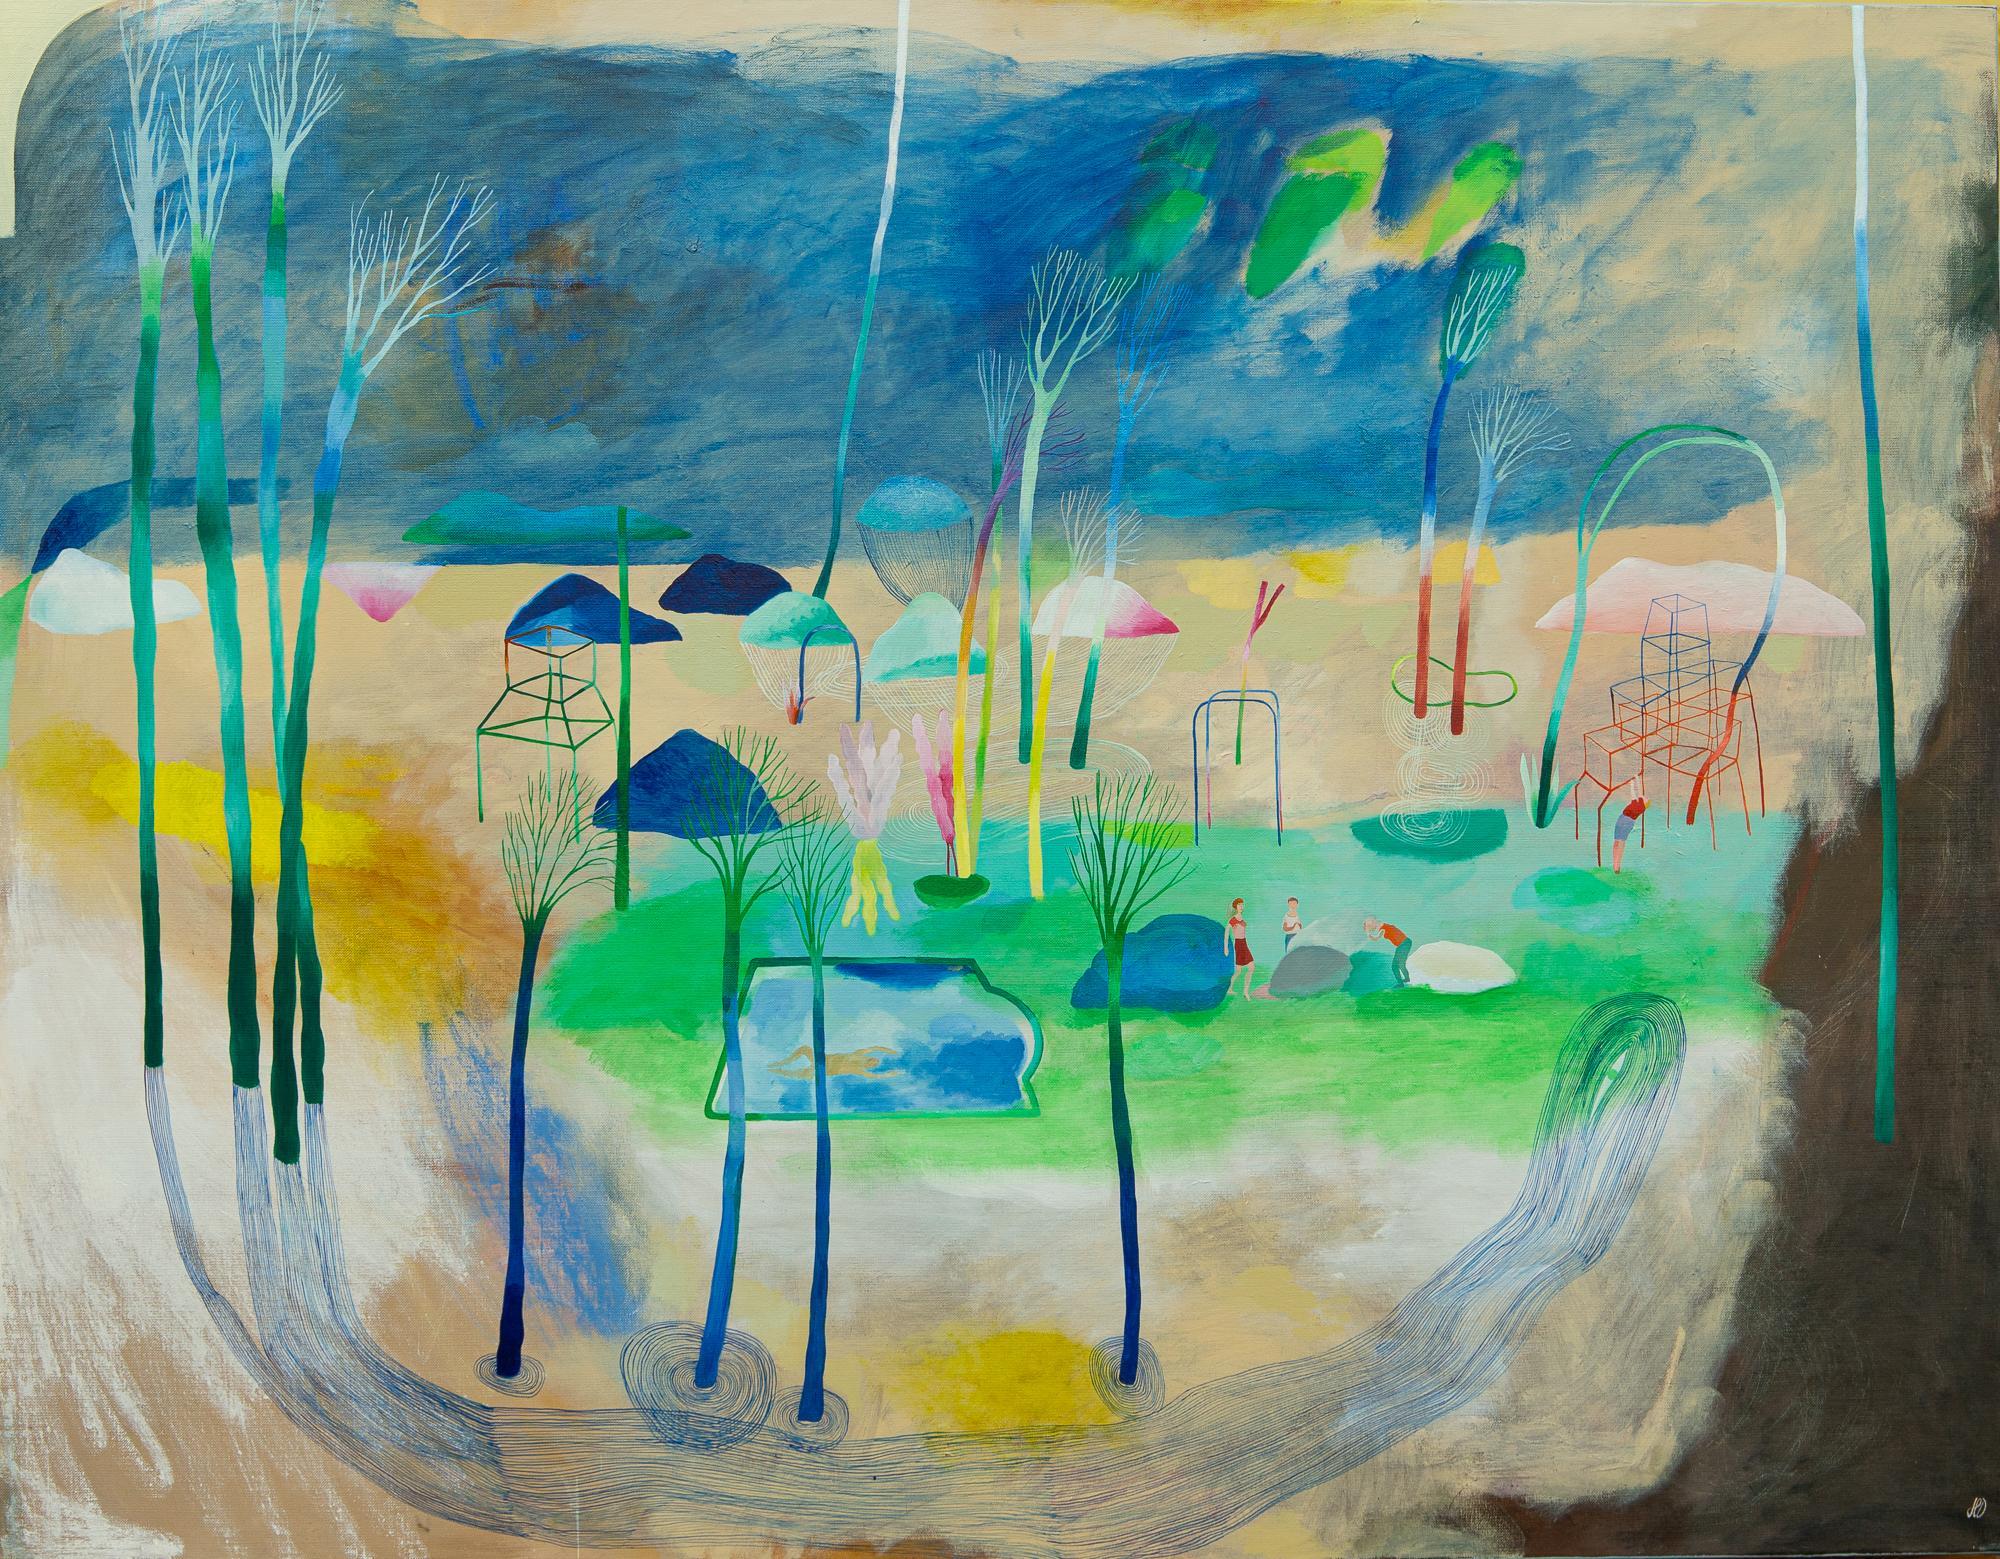 Change of paradigm #3 - Hélène Duclos, 21st Century, Contemporary figurative